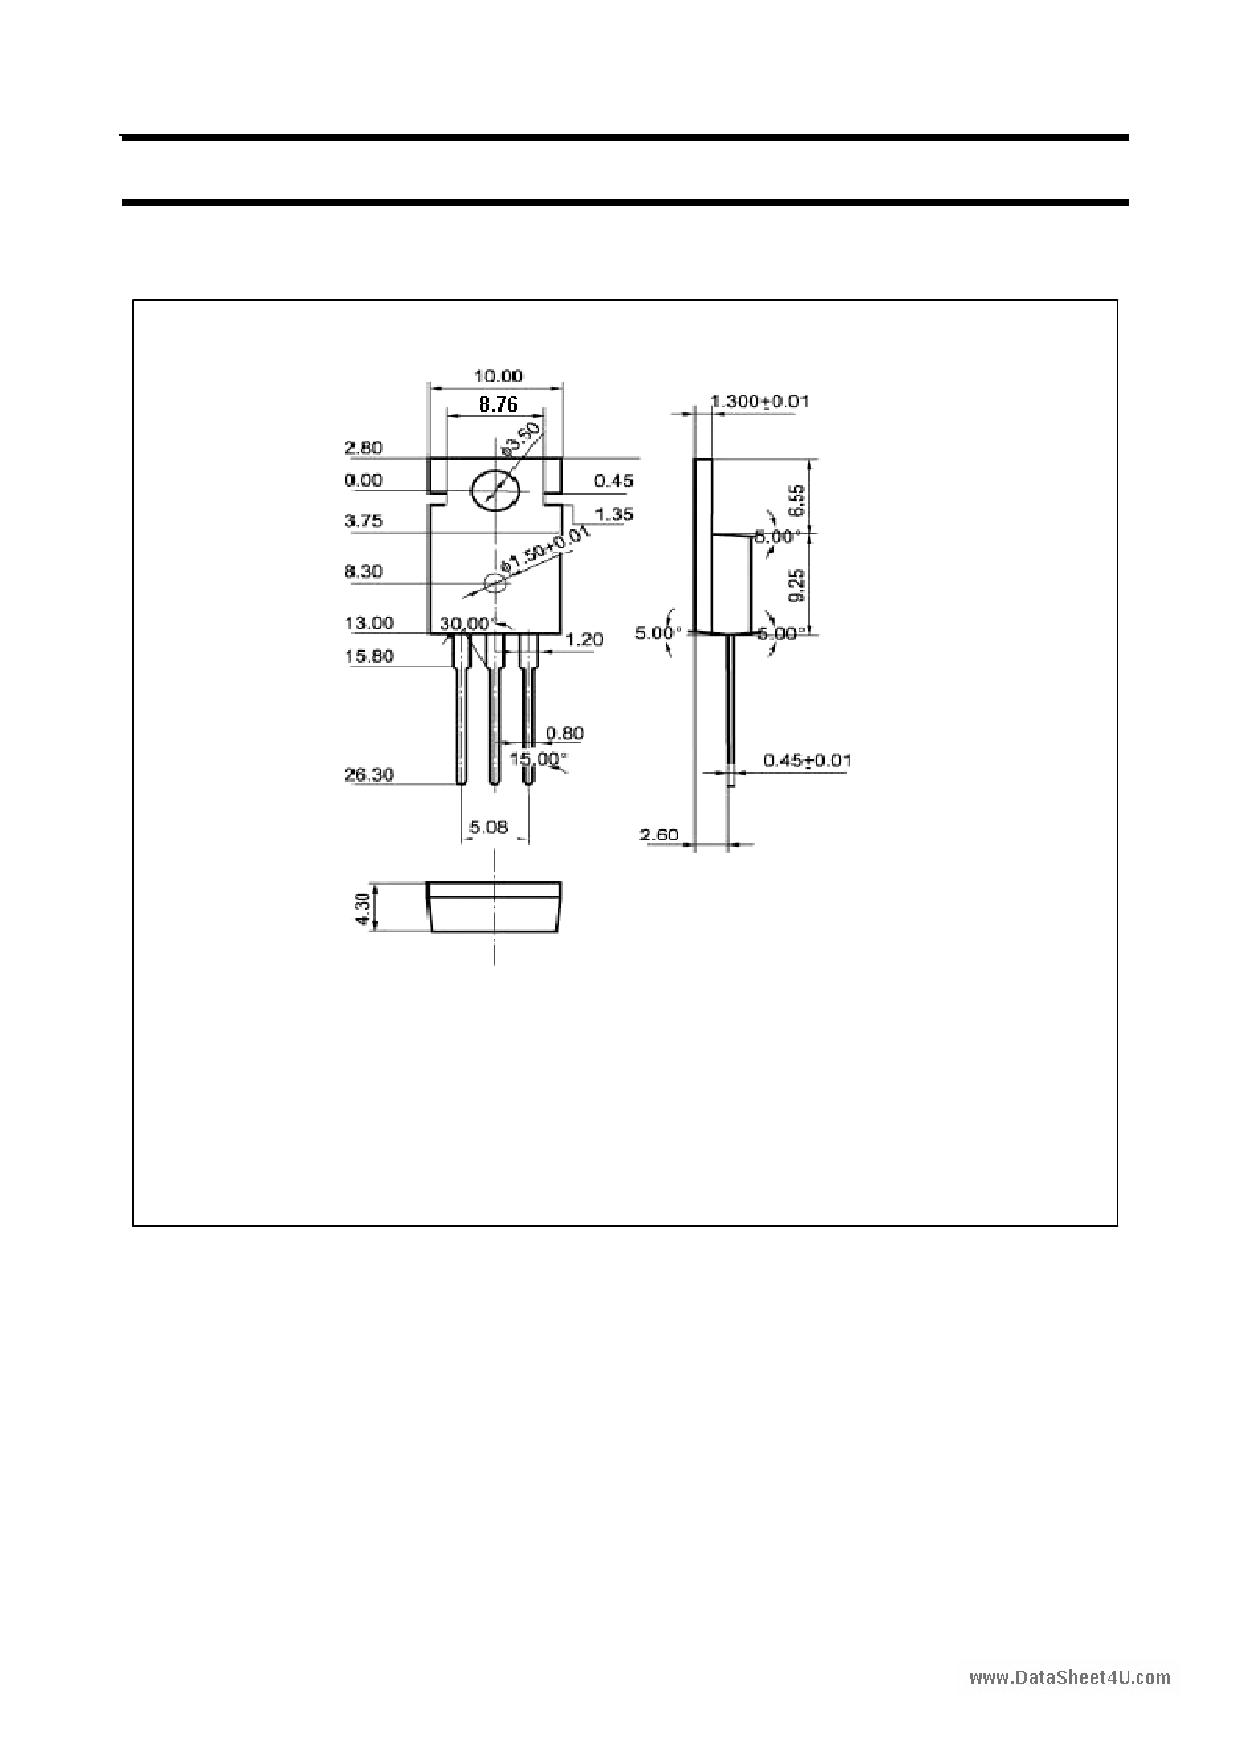 A1006 pdf, ピン配列